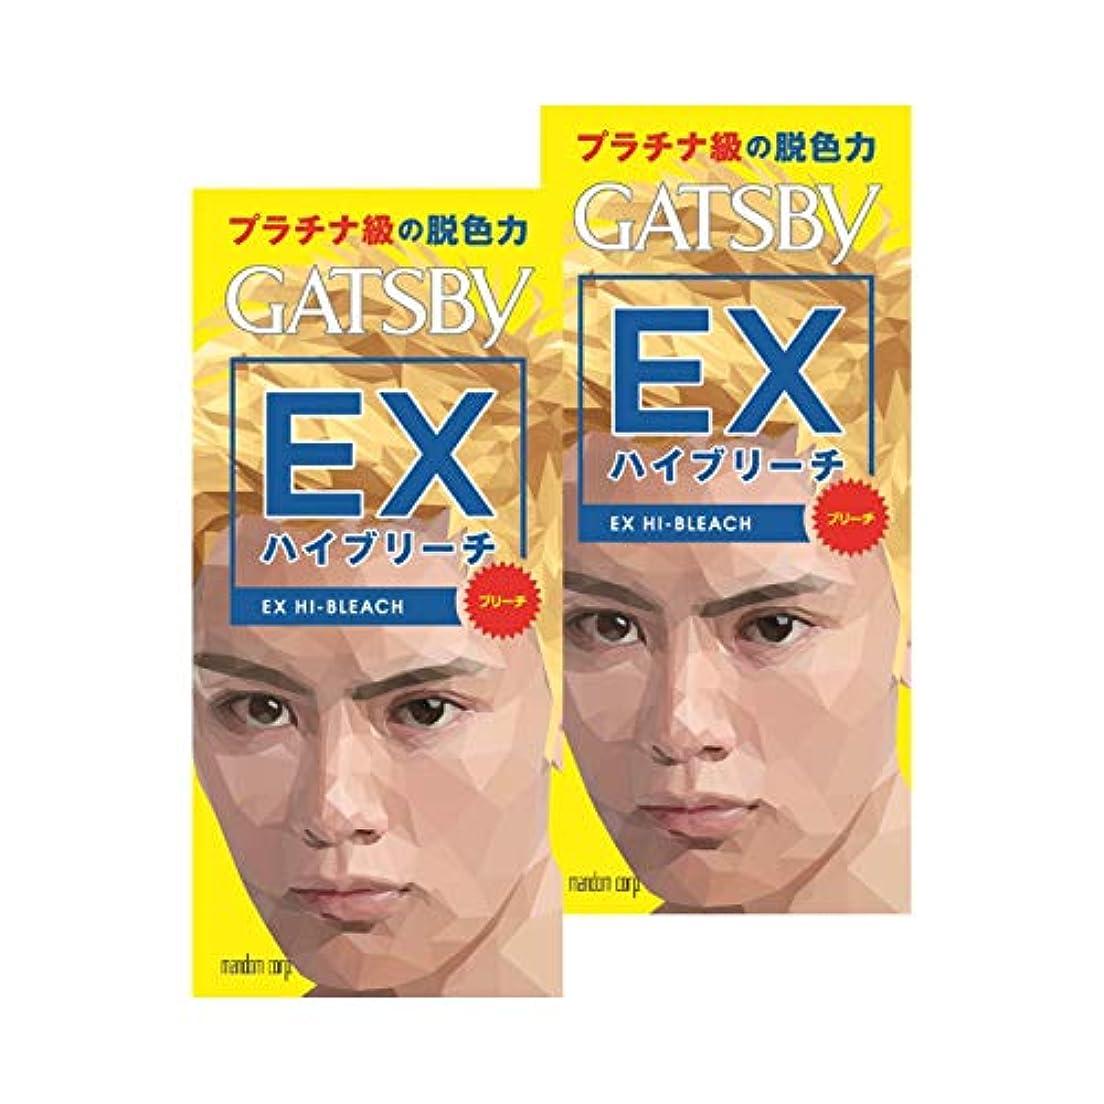 いらいらする腹部フライト【まとめ買い】ギャツビー (GATSBY) EXハイブリーチ 2個パック メンズ用 ブリーチ剤 ミディアムヘア約2回分 (医薬部外品)